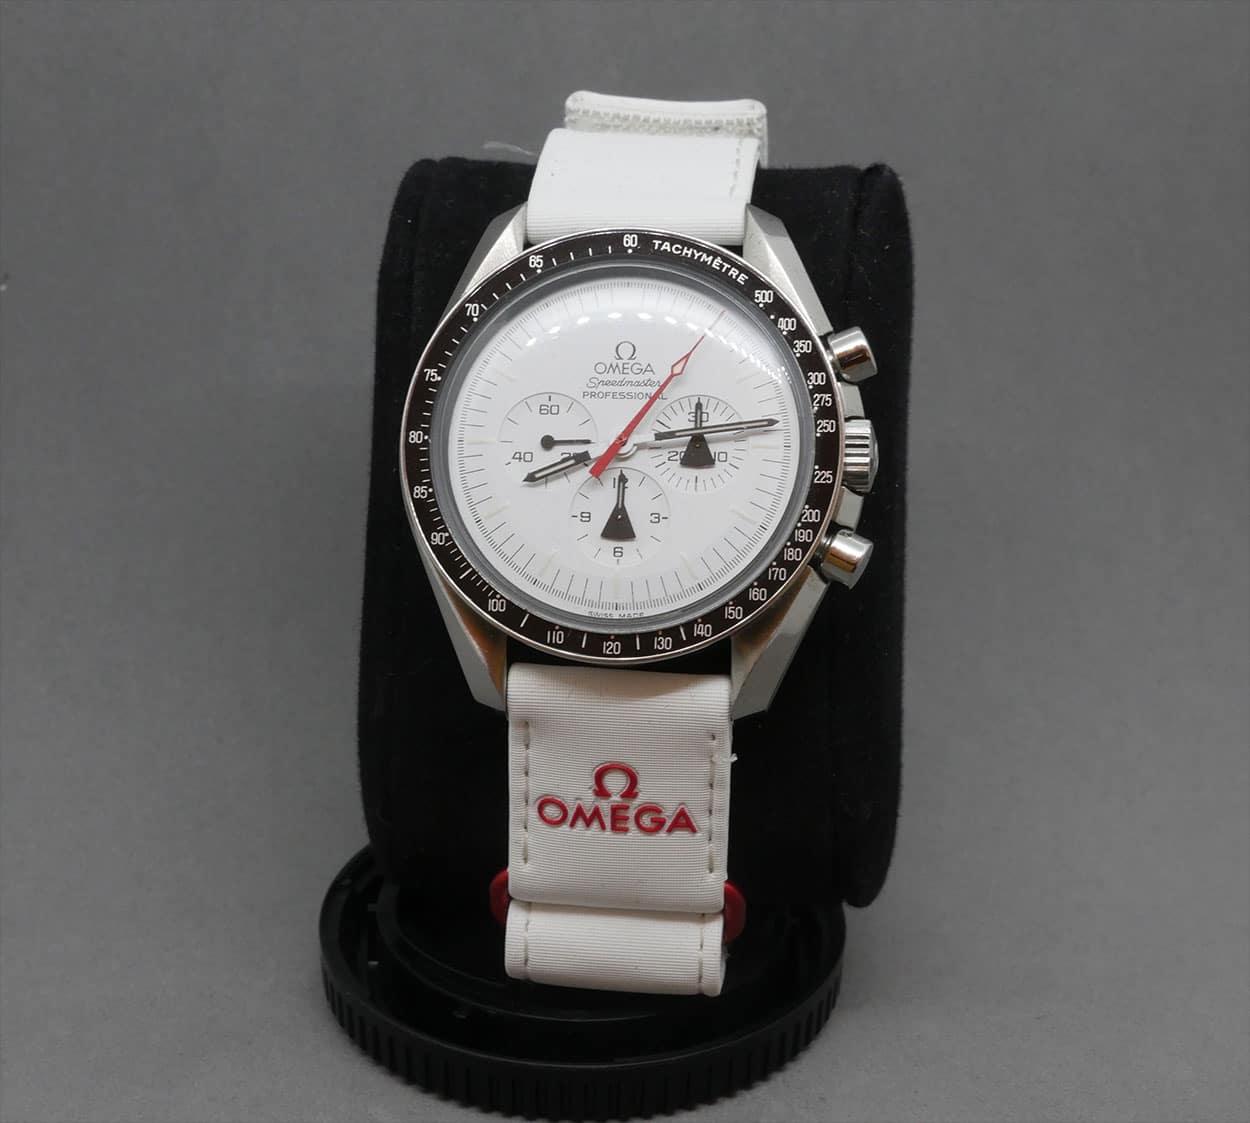 Speedmaster Watches